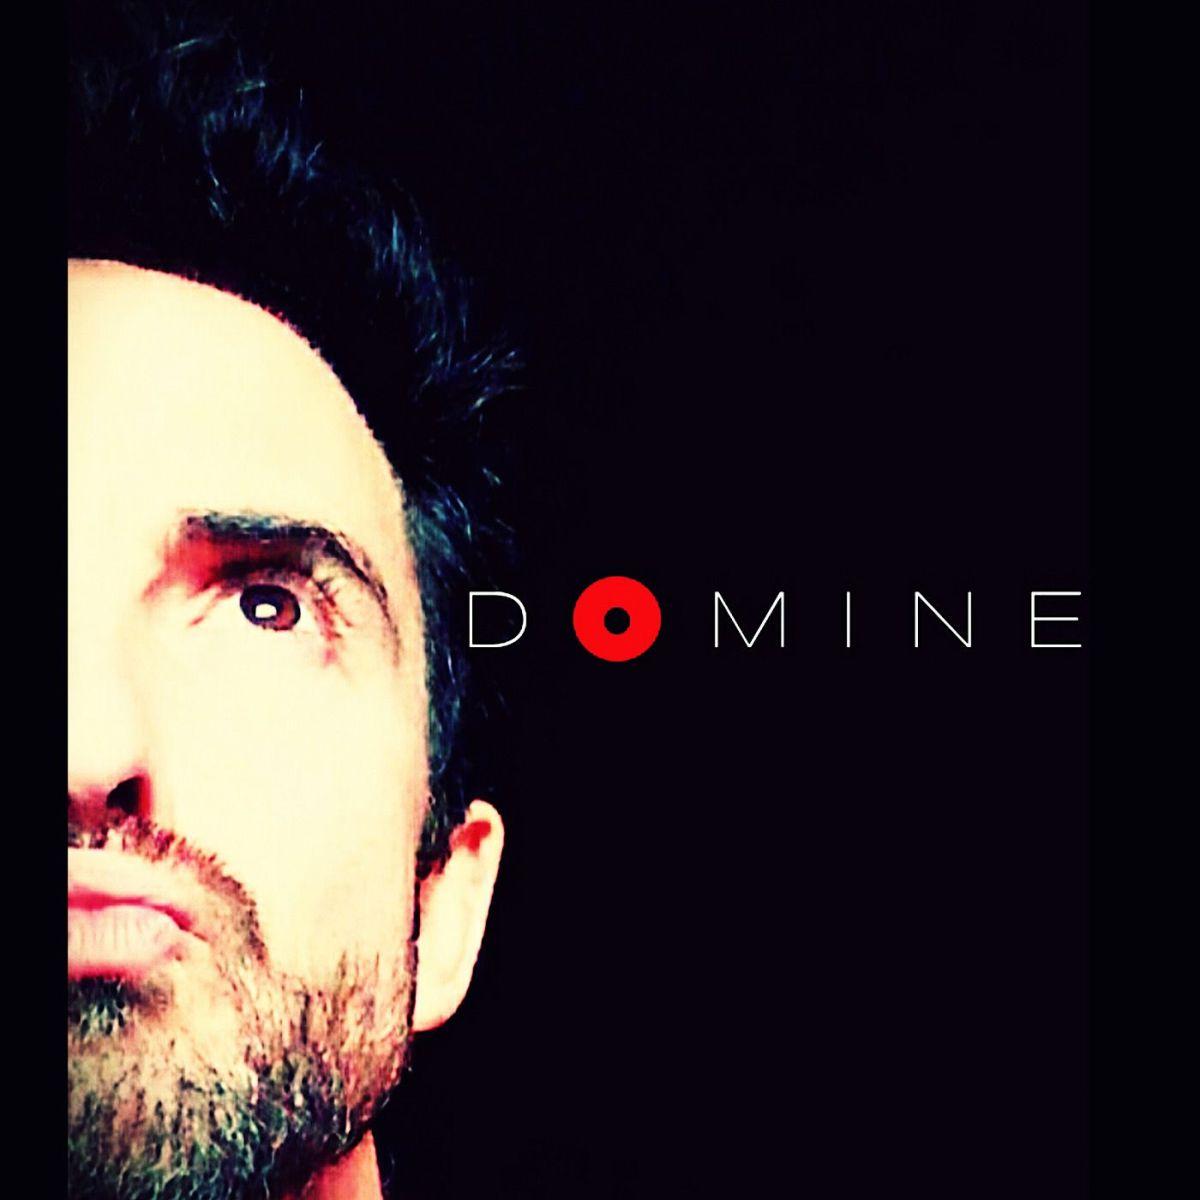 """""""DOMINE"""", nuevo álbum del compositor, cantante y escritor J. Domínguez-Macizo"""